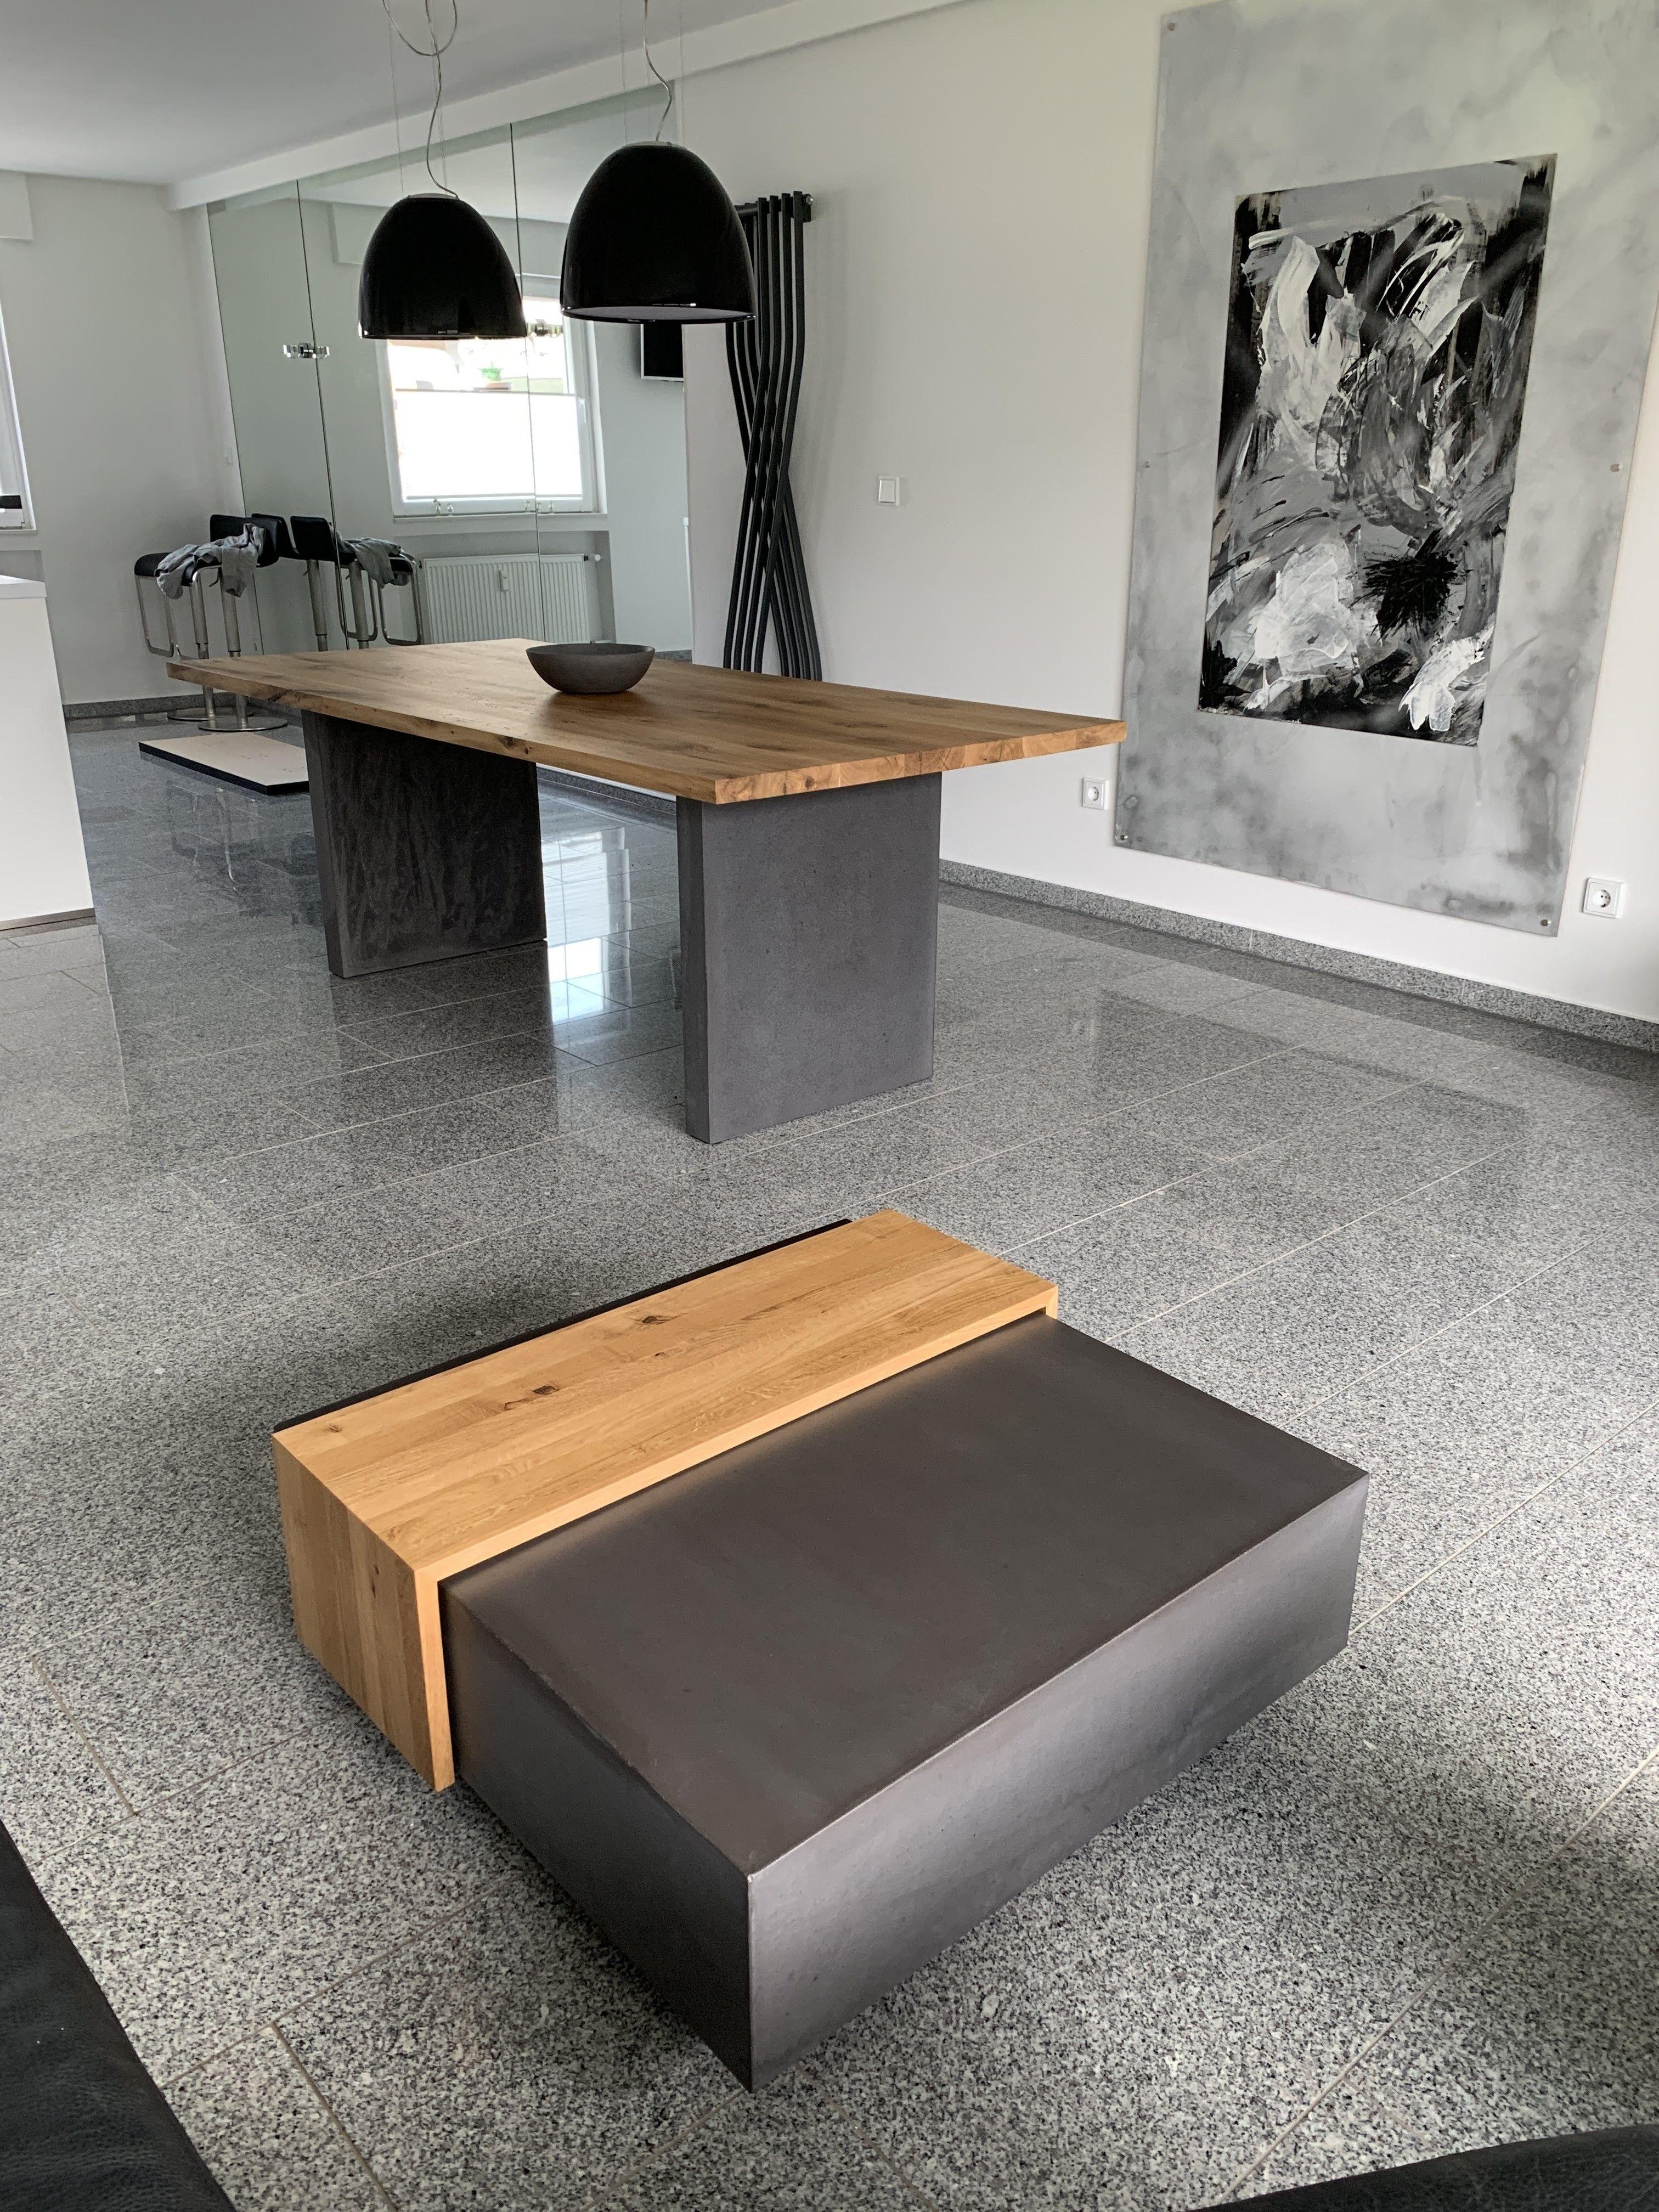 Esstisch & Couchtisch Kombination in Holz & Beton  Couchtisch